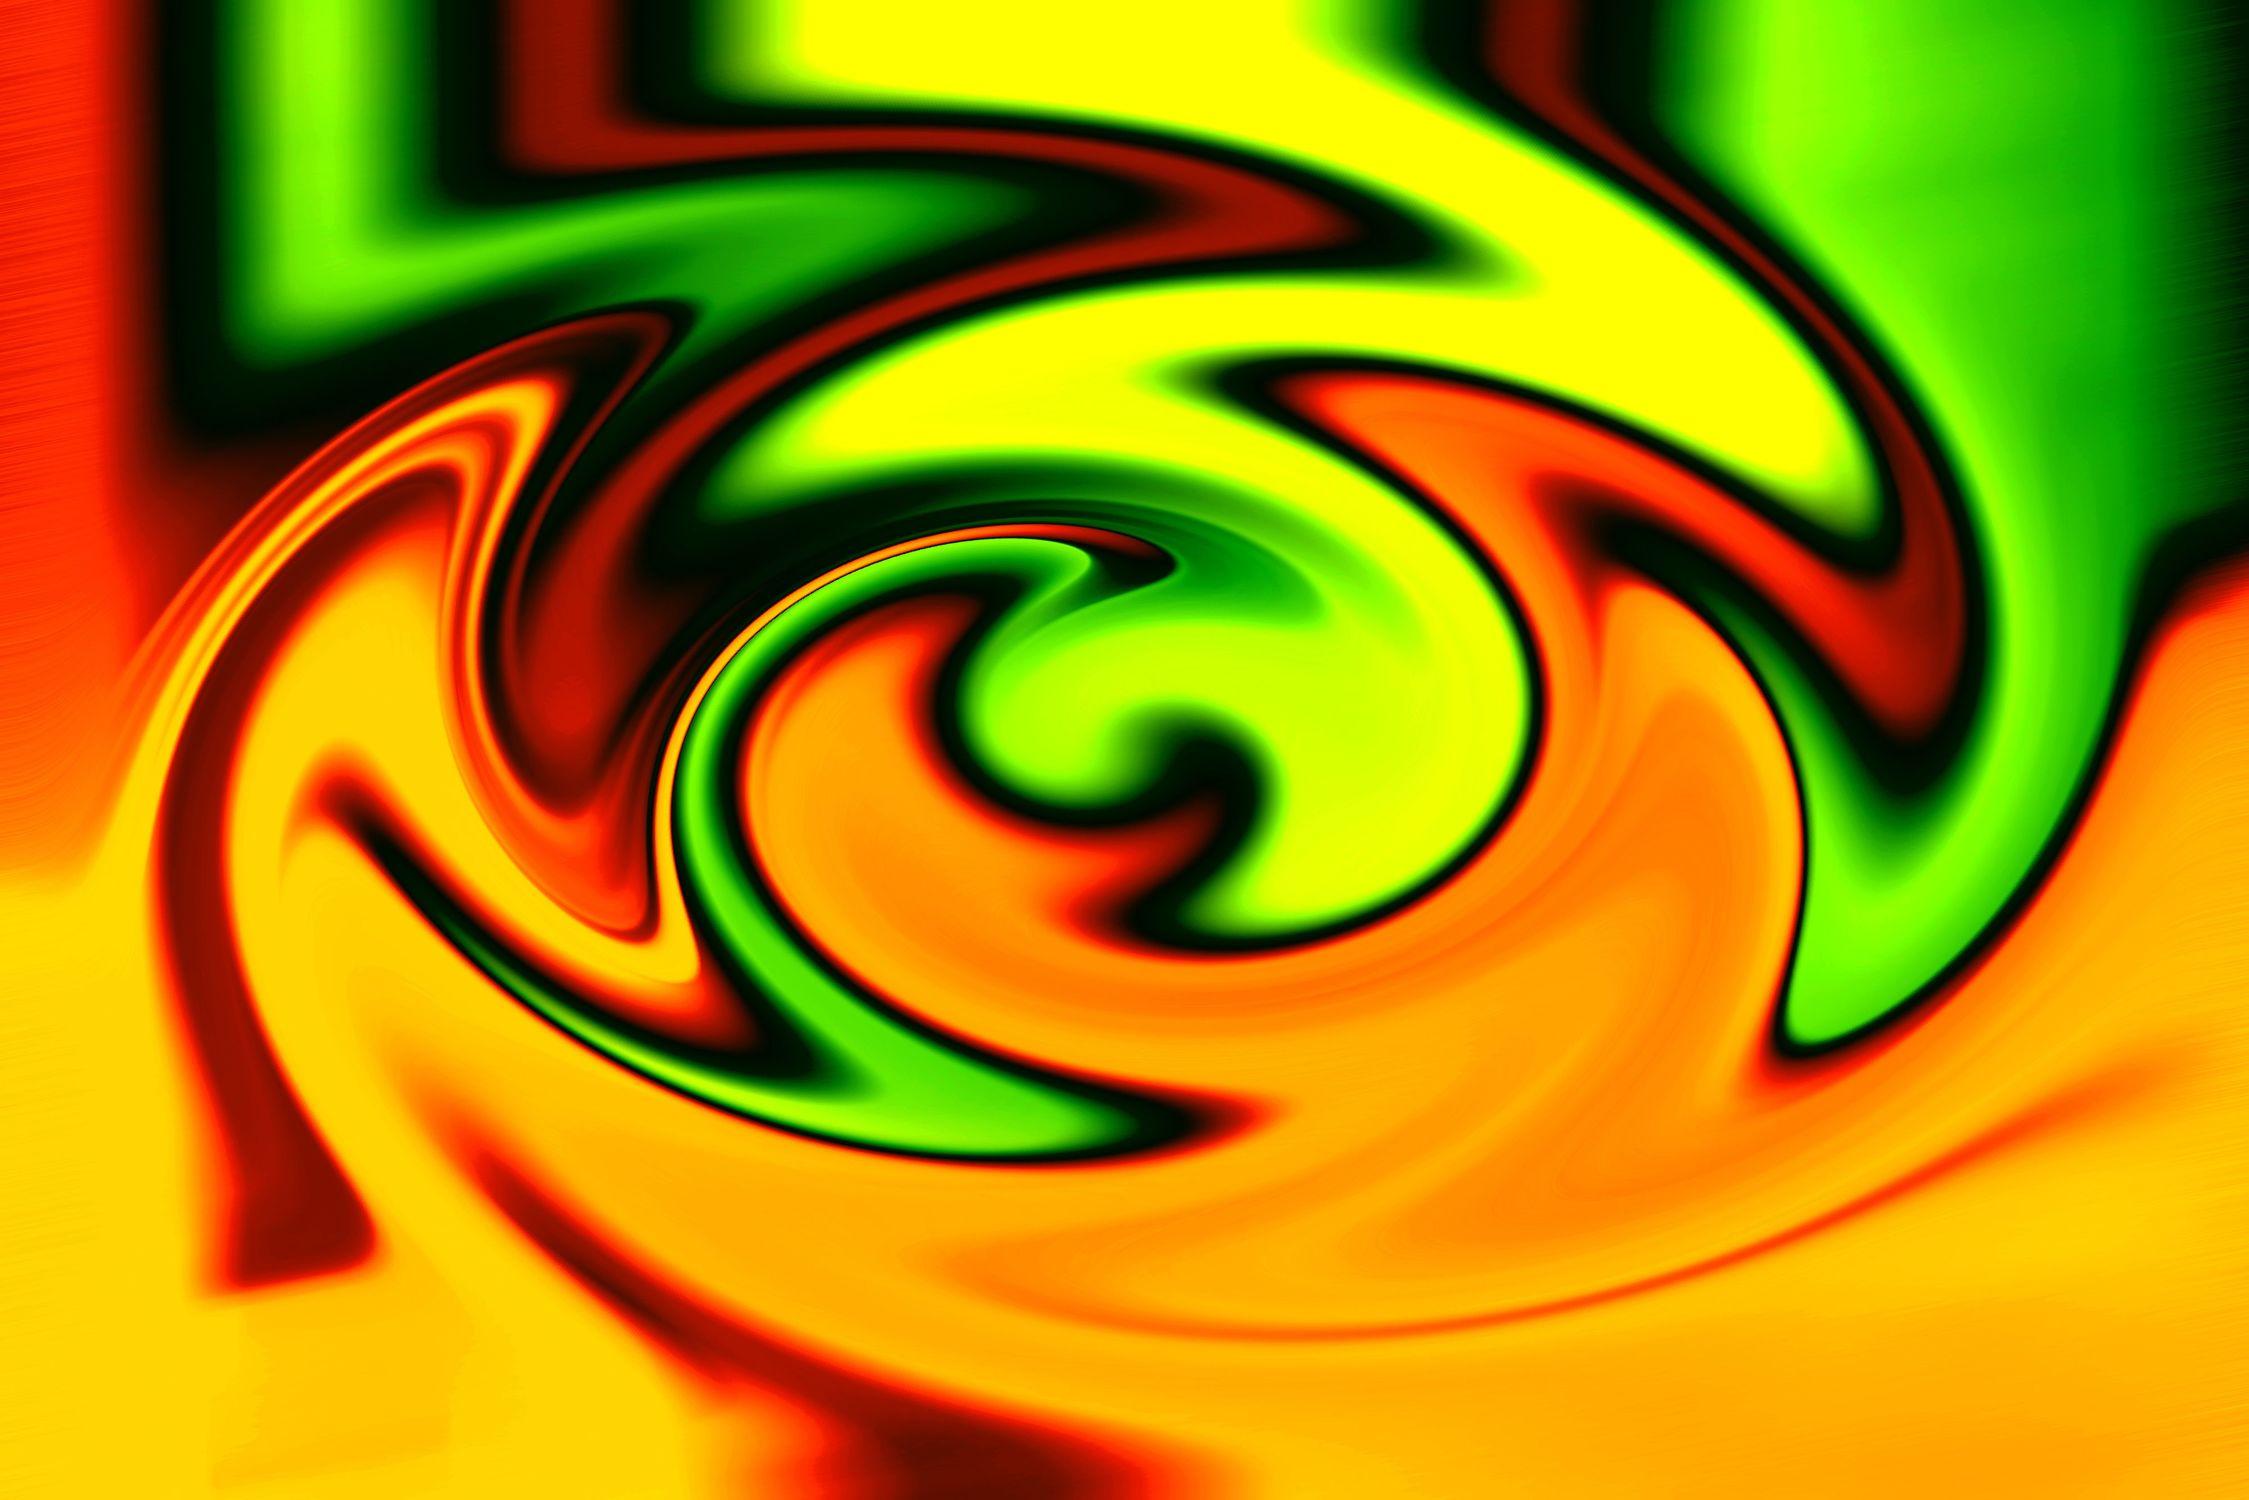 Bild mit Farben, Orange, Gelb, Grün, Spiralen, Abstrakt, Abstrakte Kunst, Abstrakte Malerei